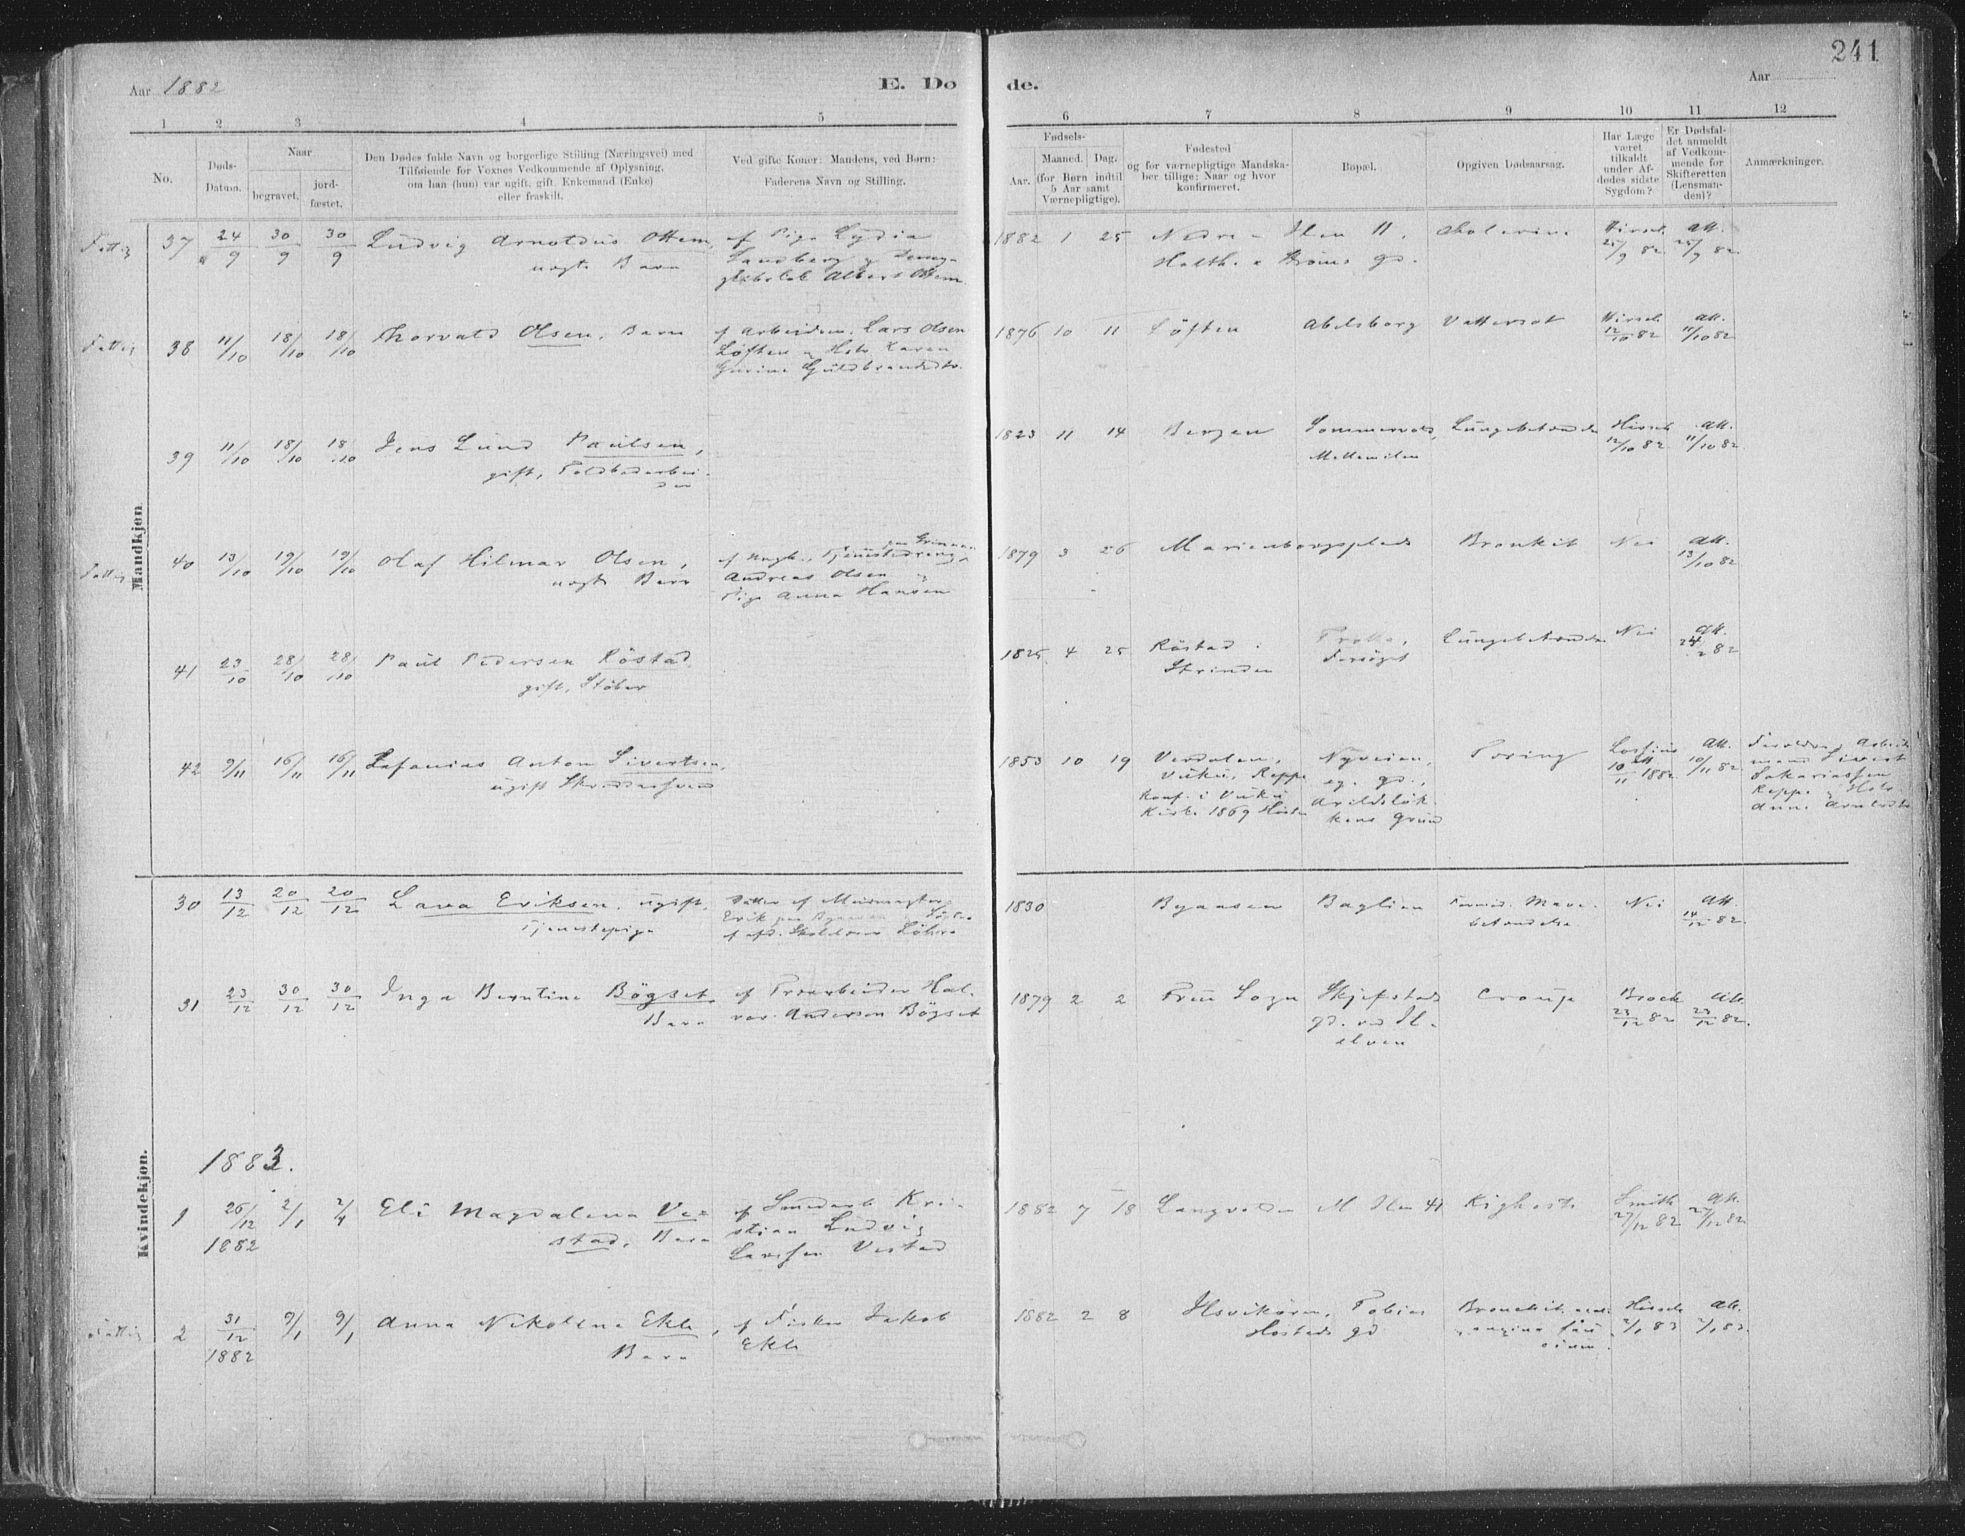 SAT, Ministerialprotokoller, klokkerbøker og fødselsregistre - Sør-Trøndelag, 603/L0162: Ministerialbok nr. 603A01, 1879-1895, s. 241